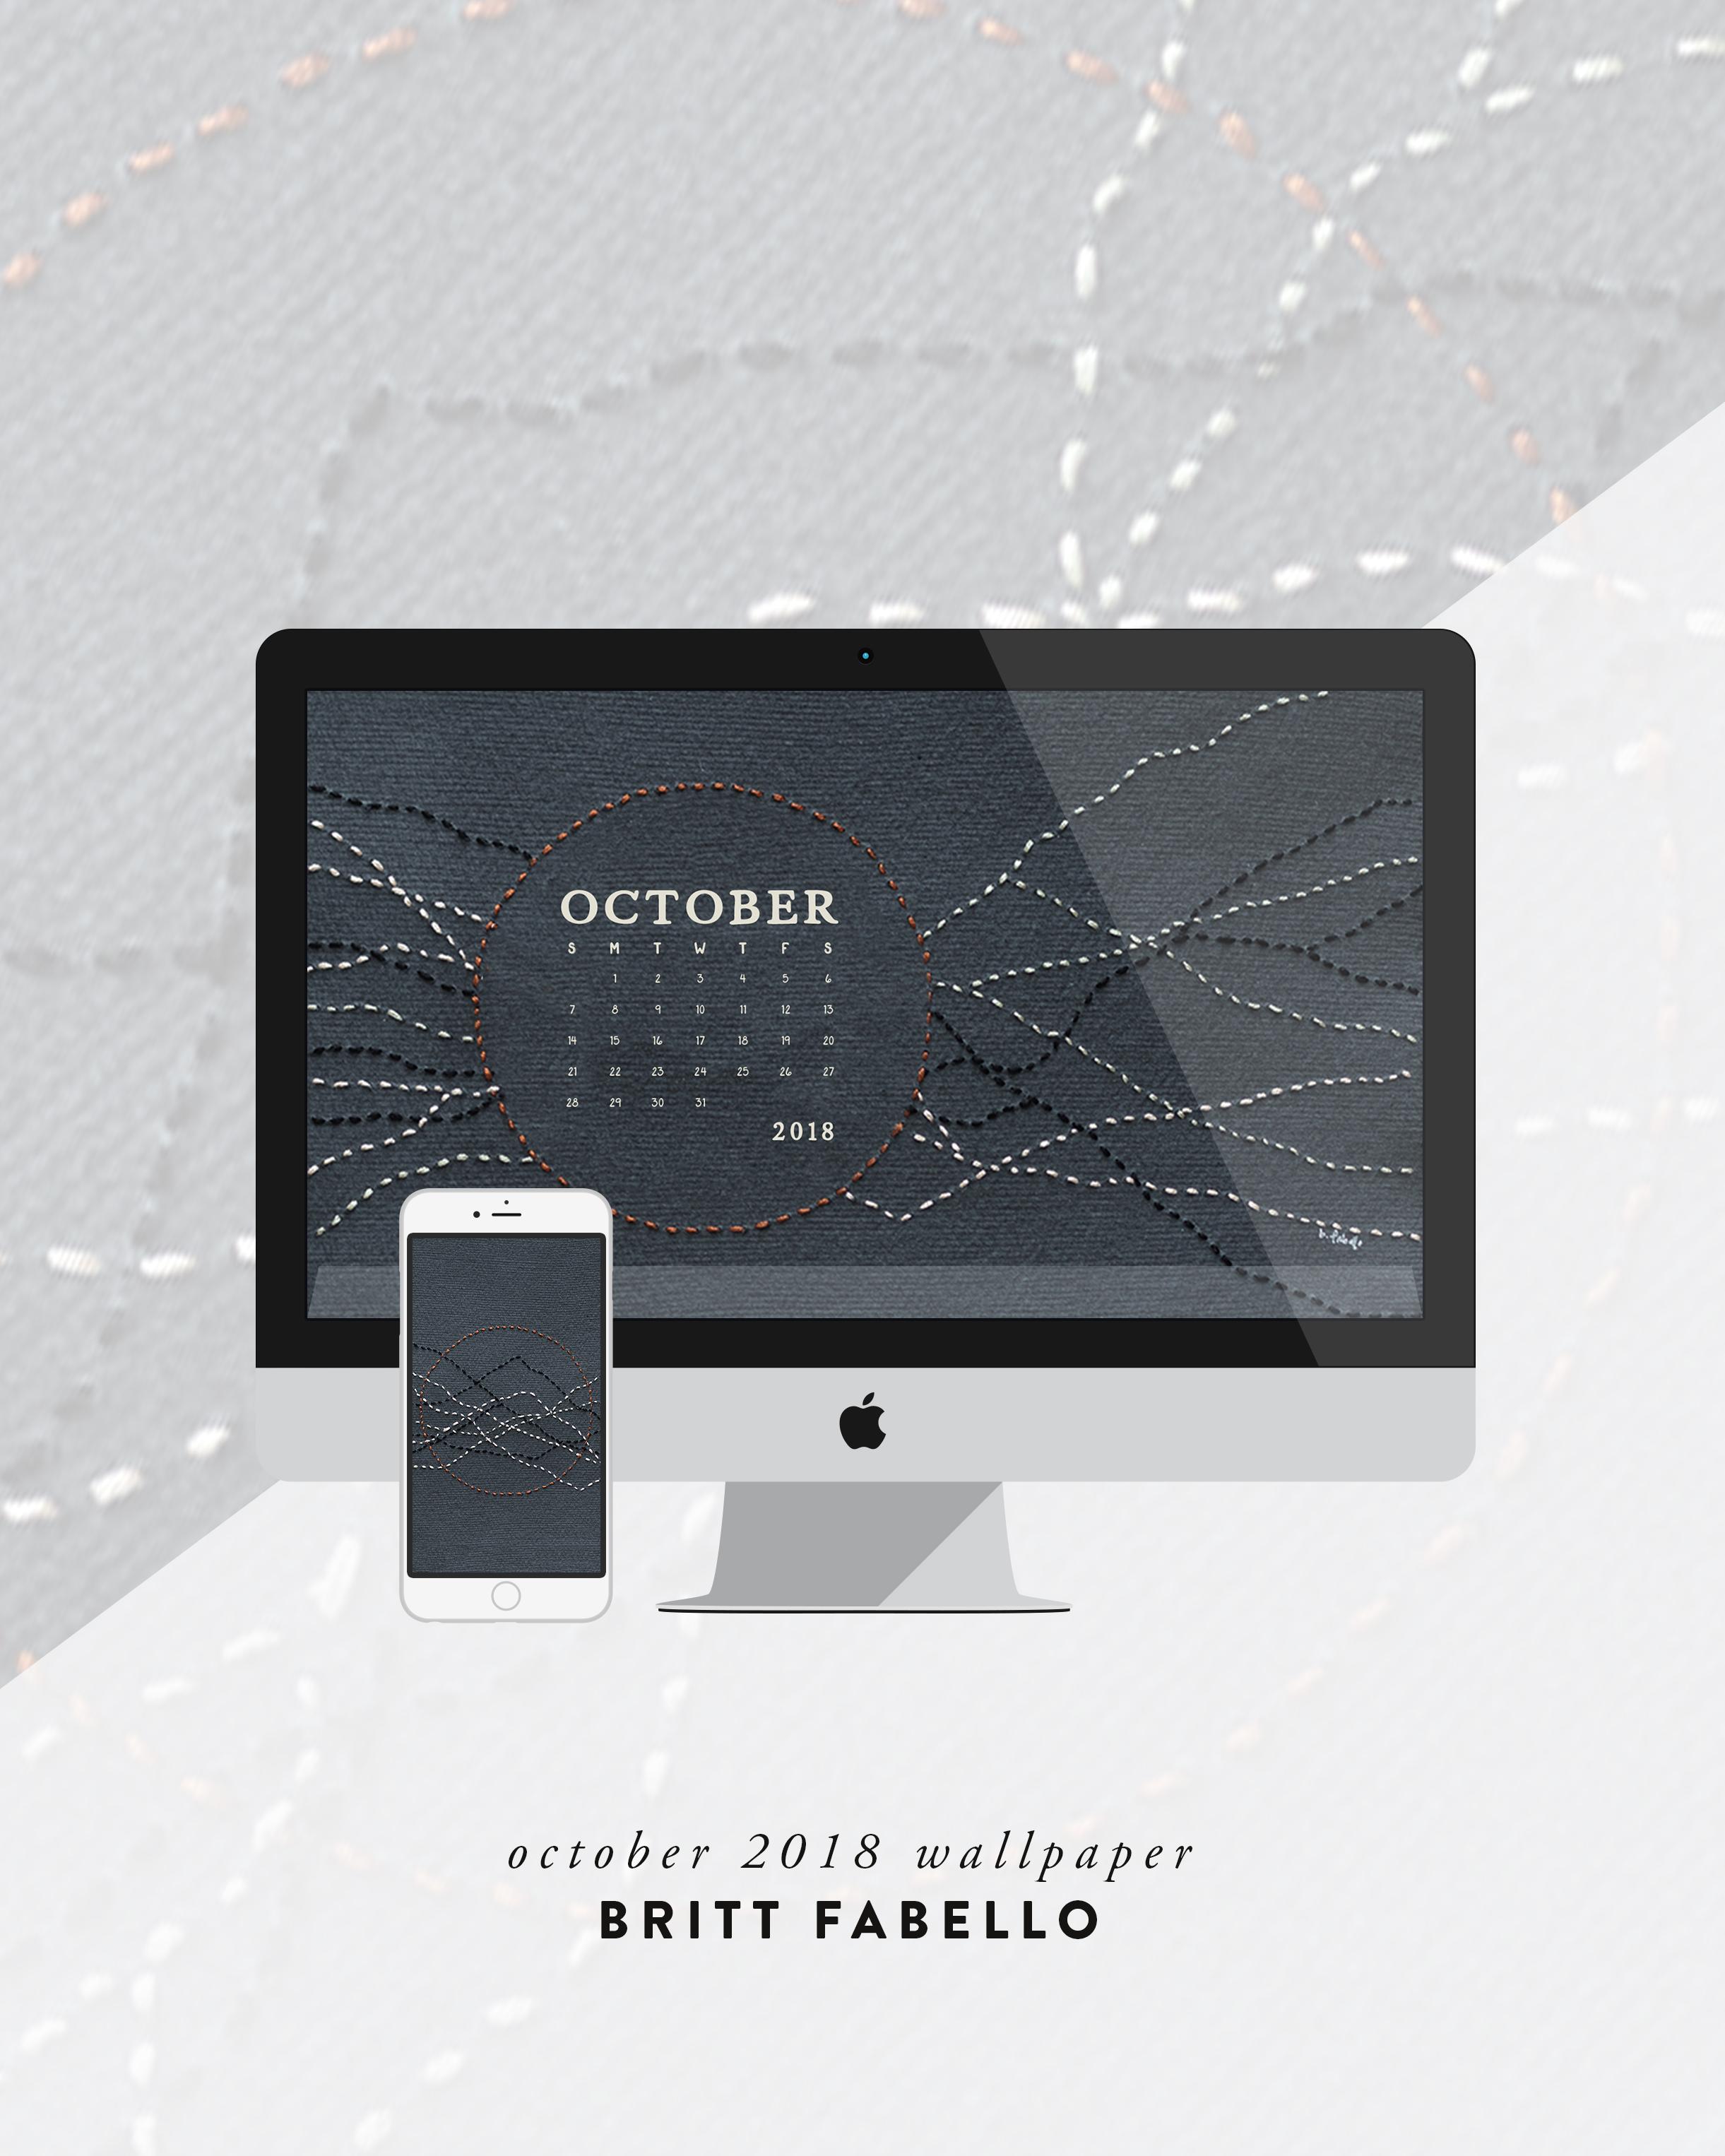 October 2018 Desktop Computer Calendar & Phone Wallpaper | Britt Fabello